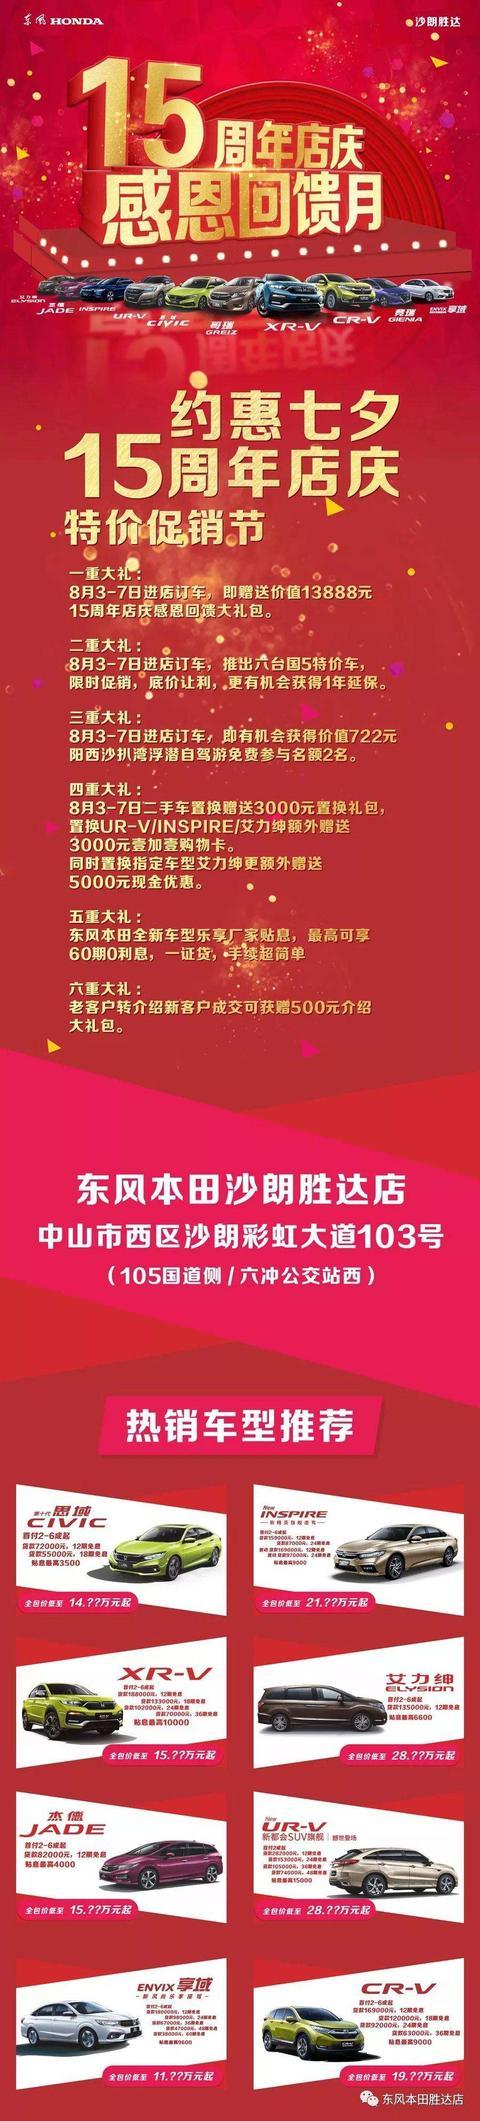 """原创 8月2日雪佛兰 七夕为""""爱""""相约主题活动"""